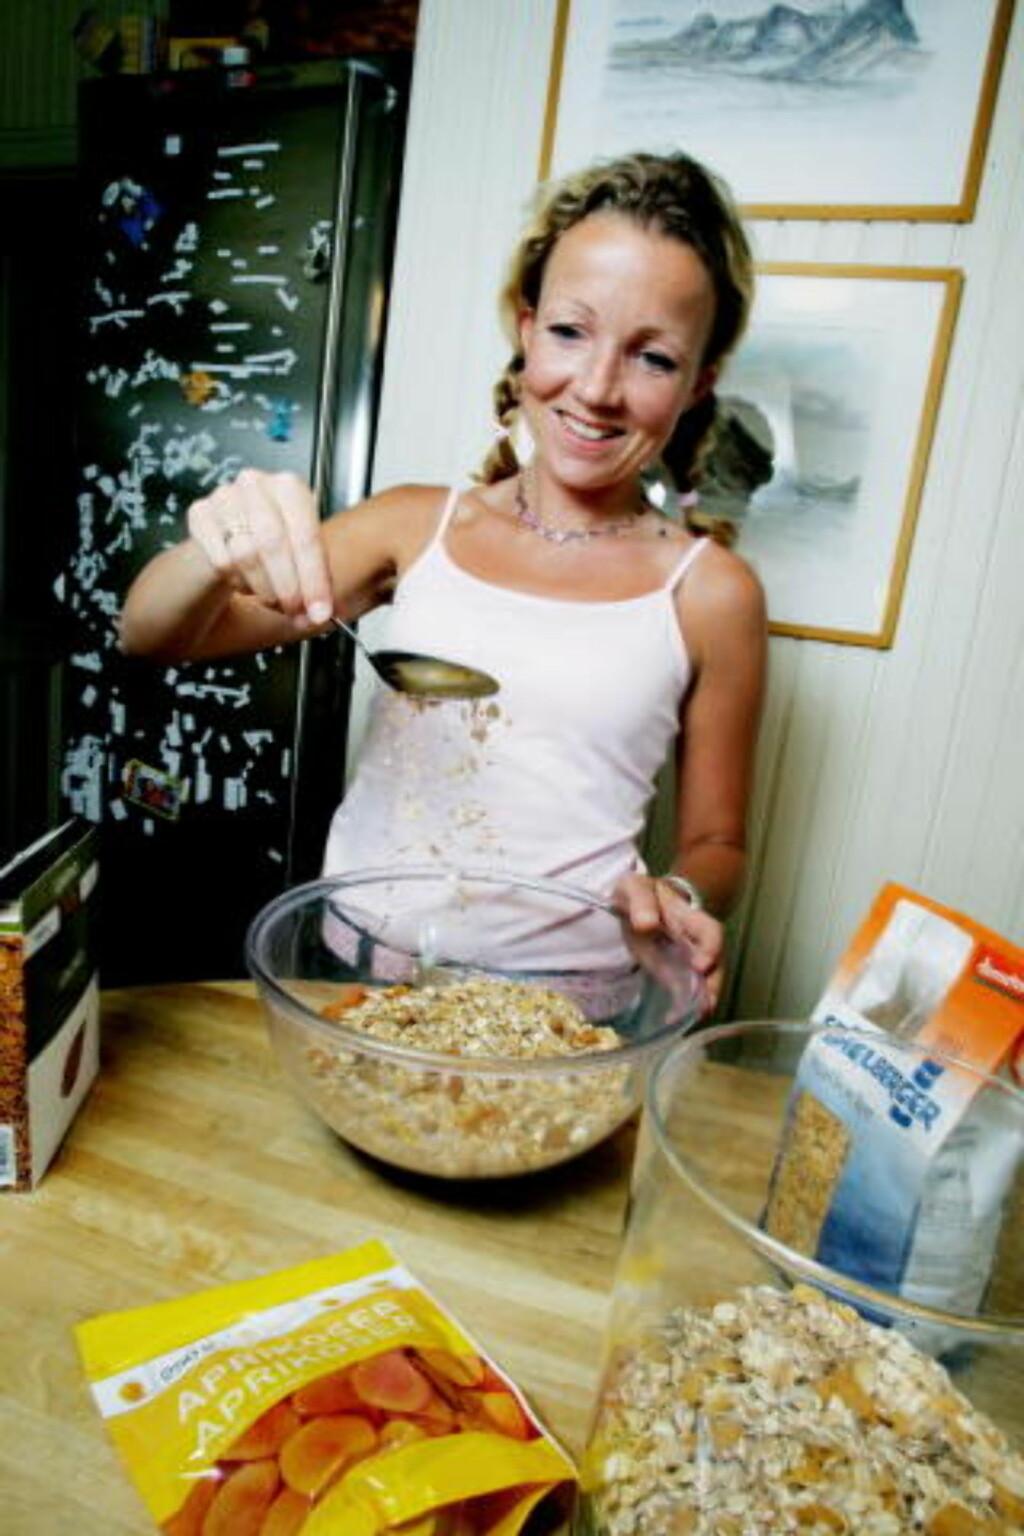 Spise rett: Ernæringsfysiolog Cathrine Borchsenius mener det vktigste for å få en god alderdom i møte, er å spise rett. Foto: Jeanette Landfald/Dagbladet